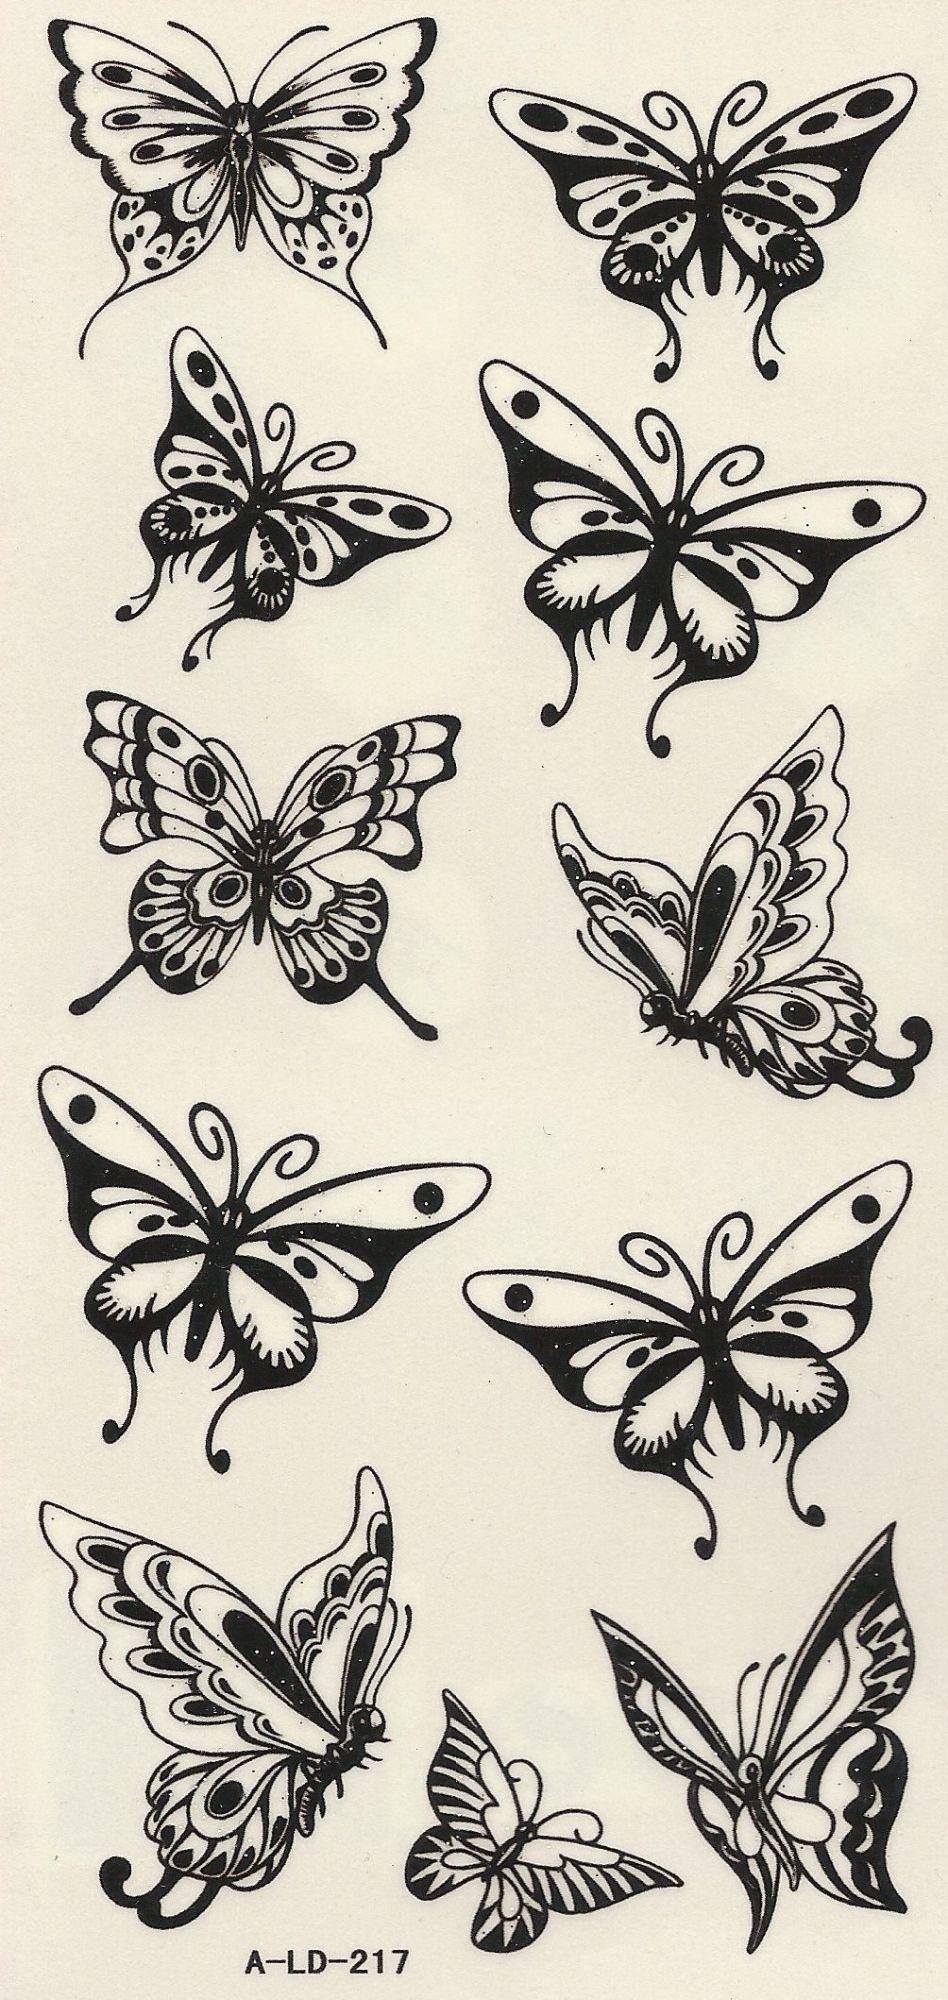 Dessins En Couleurs À Imprimer : Papillon, Numéro : 24990 tout Dessin A Imprimer Papillon Gratuit